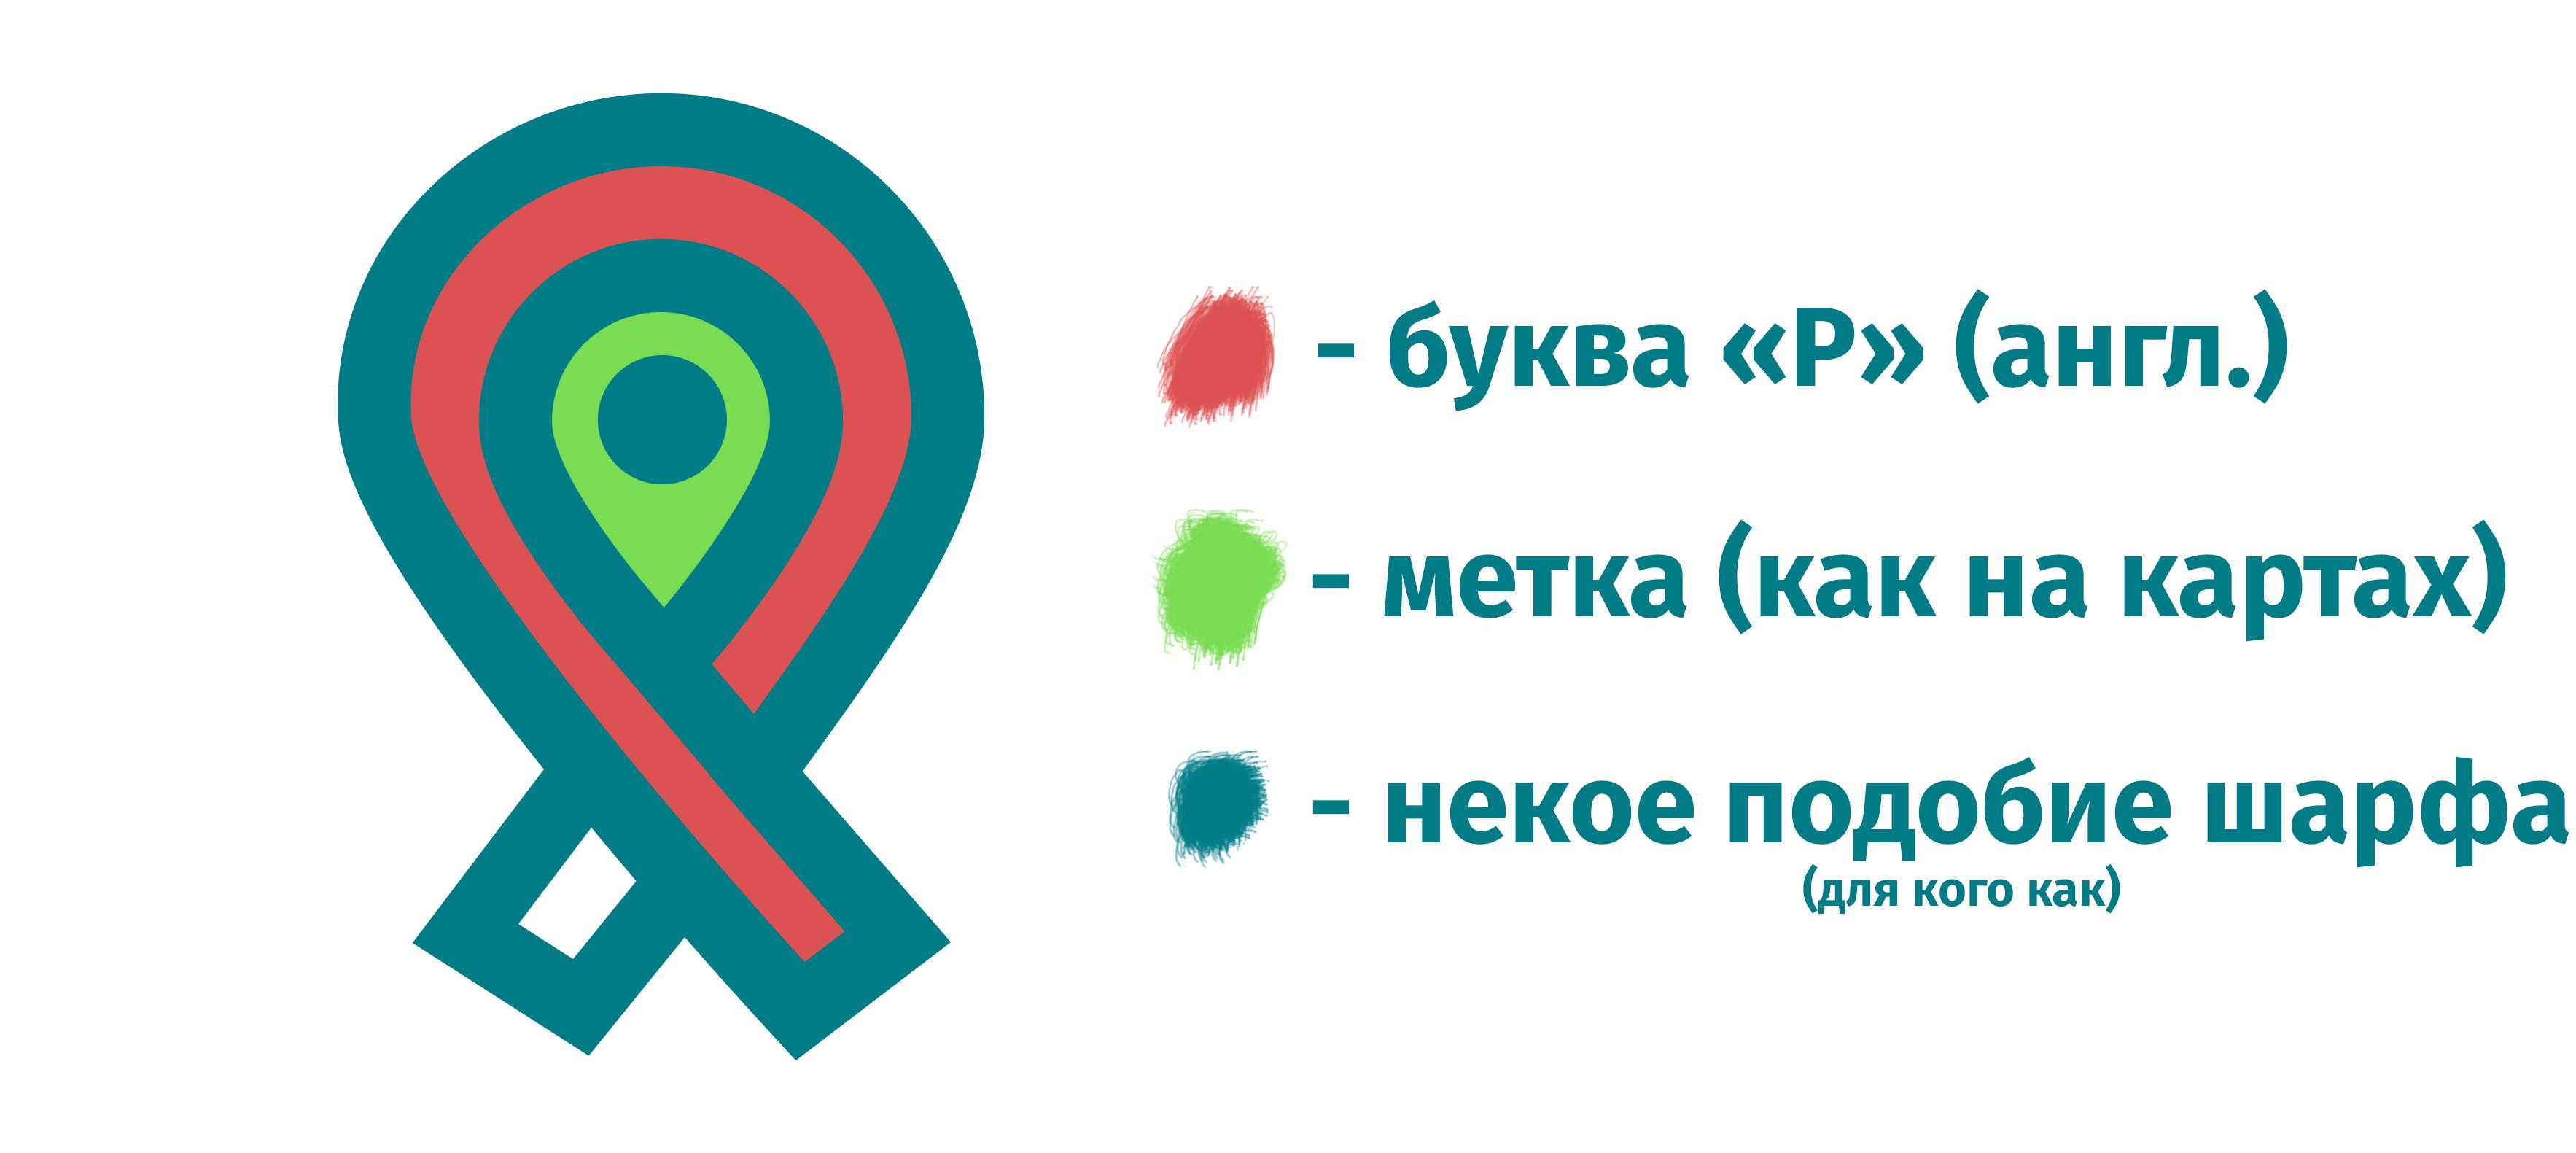 Придумать Название , Слоган , Логотип.  фото f_3625a55c9d385bc6.jpg